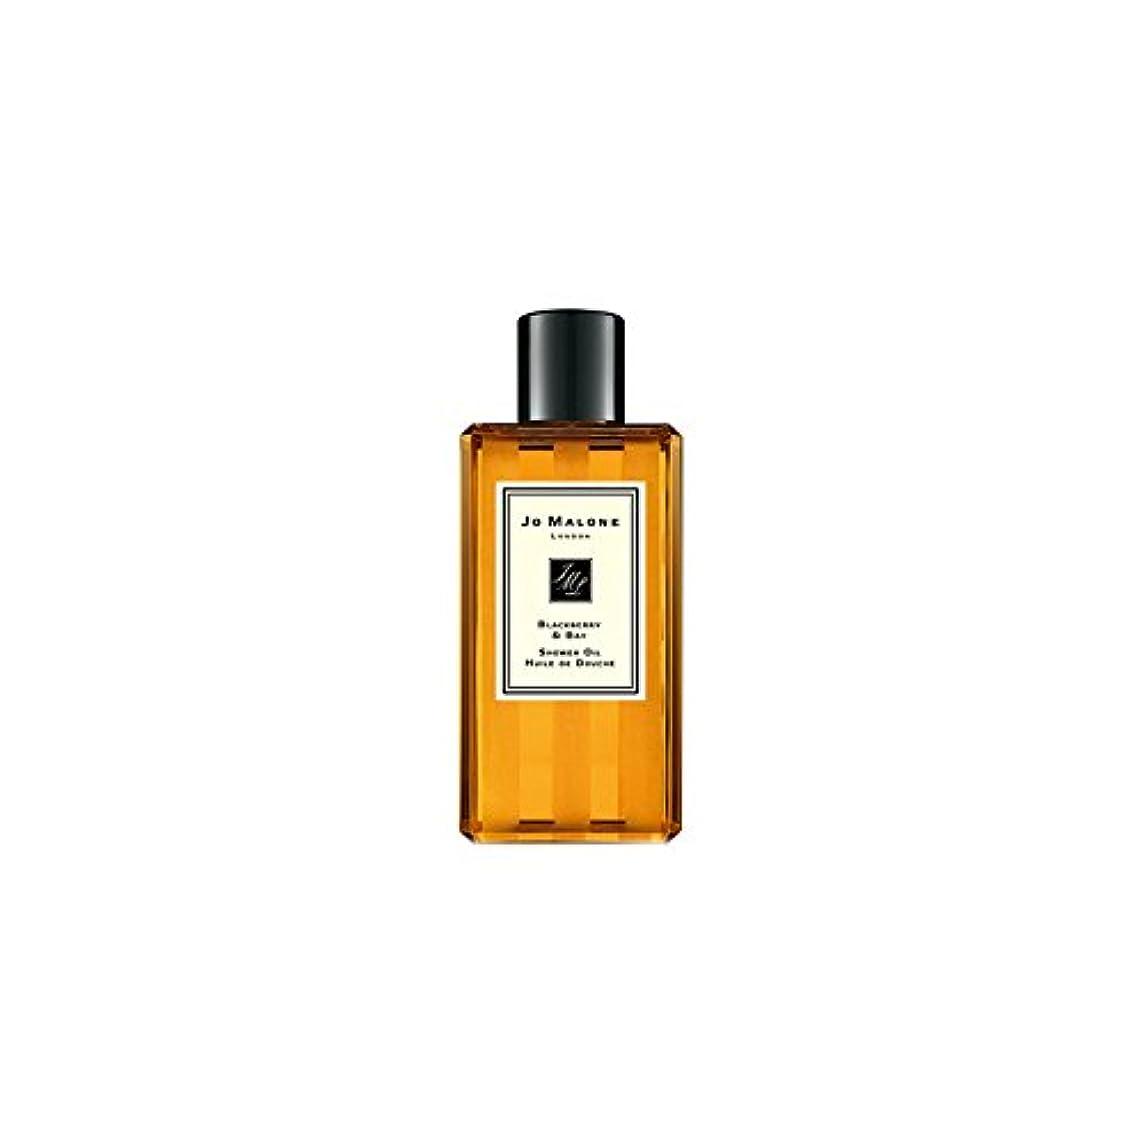 印をつける運賃実質的にJo Malone Blackberry & Bay Shower Oil - 250ml (Pack of 6) - ジョーマローンブラックベリー&ベイシャワーオイル - 250ミリリットル (x6) [並行輸入品]